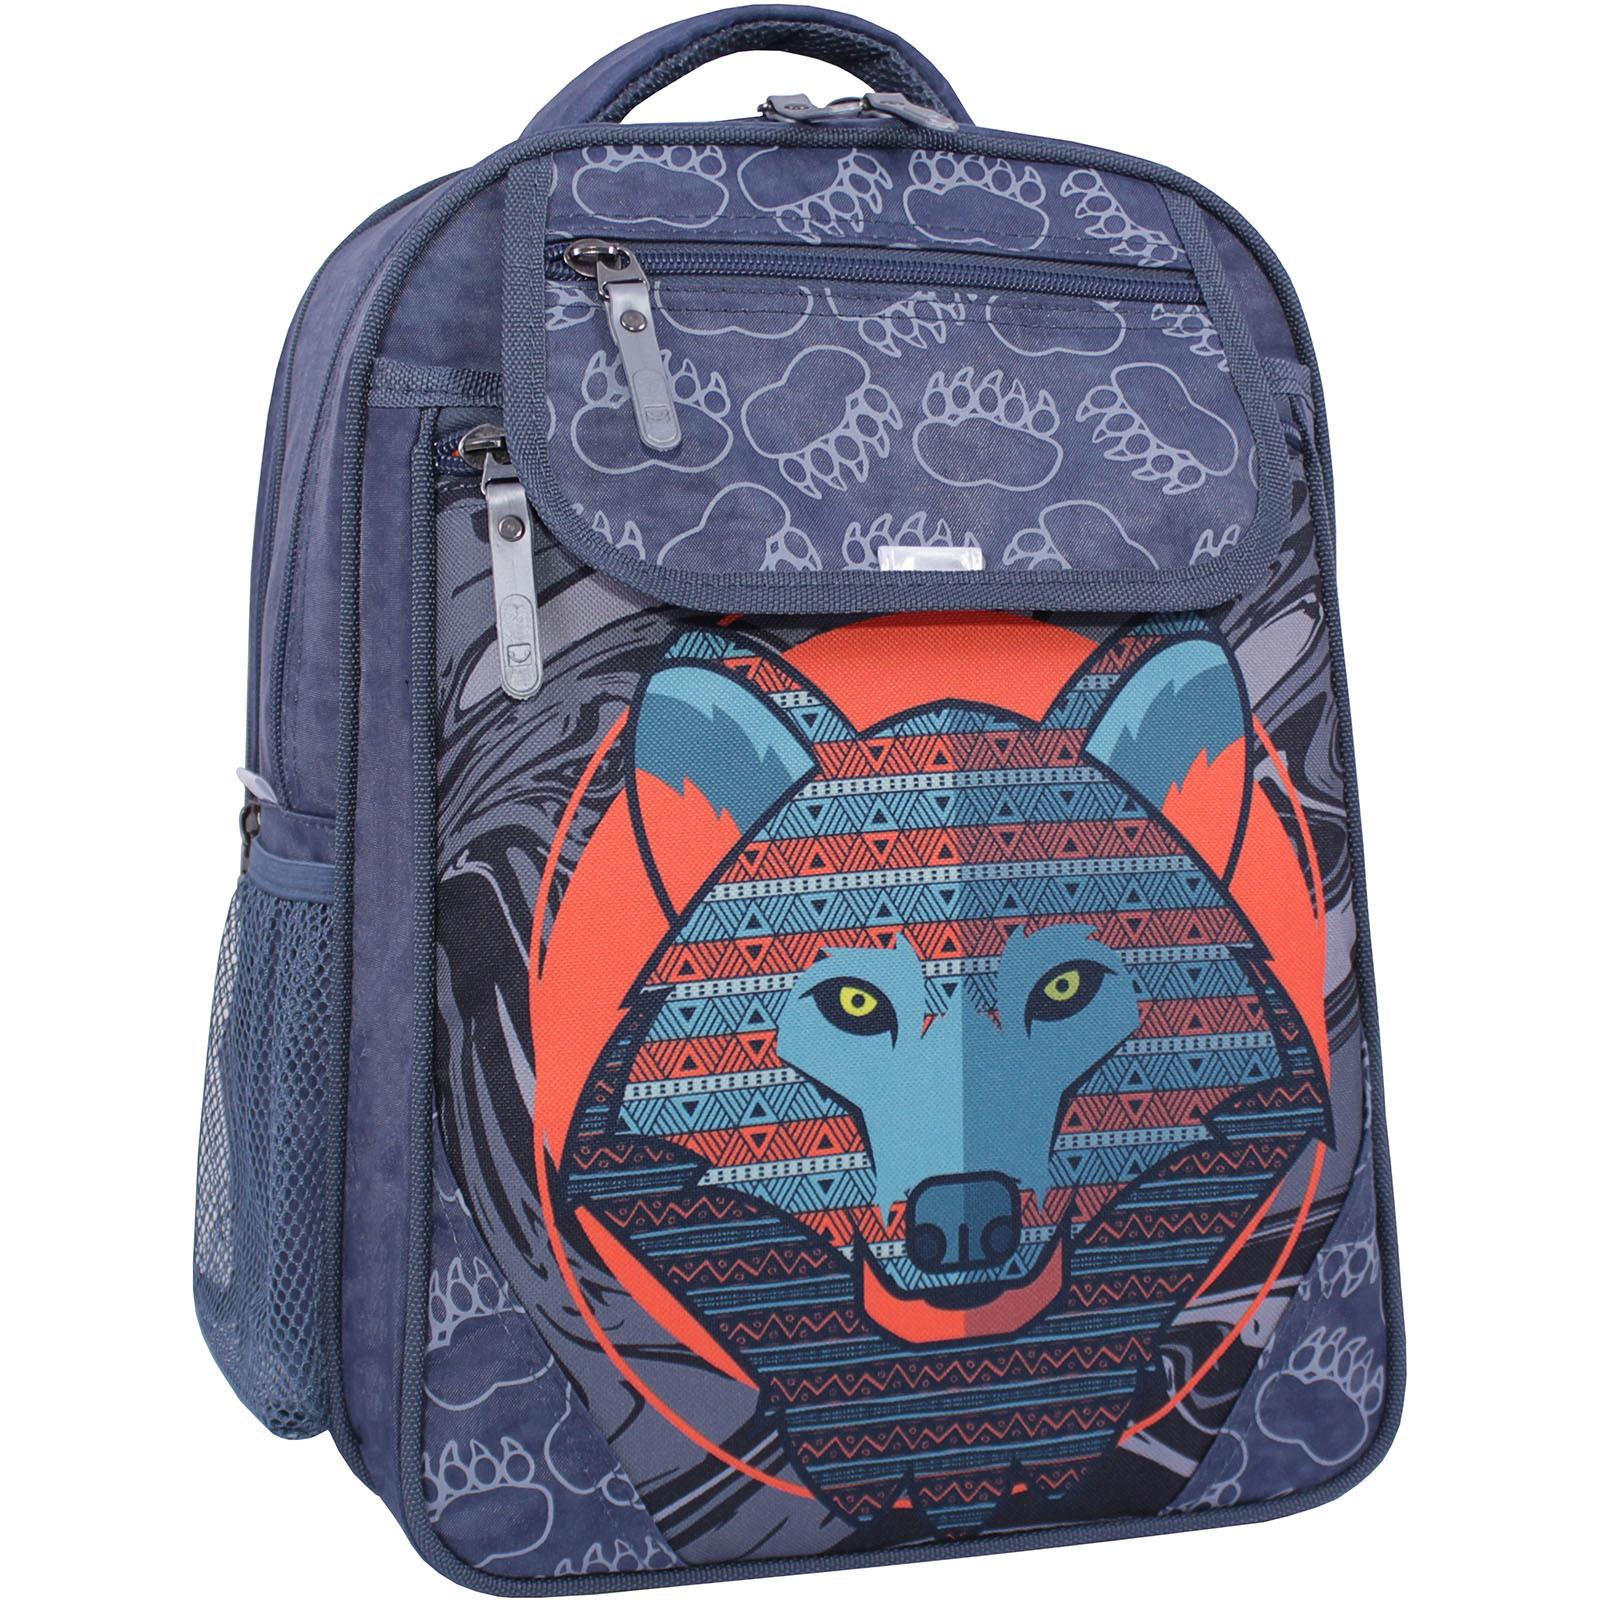 Школьные рюкзаки Рюкзак школьный Bagland Отличник 20 л. 321 серый 509 (0058070) IMG_1269_суб.509_.JPG